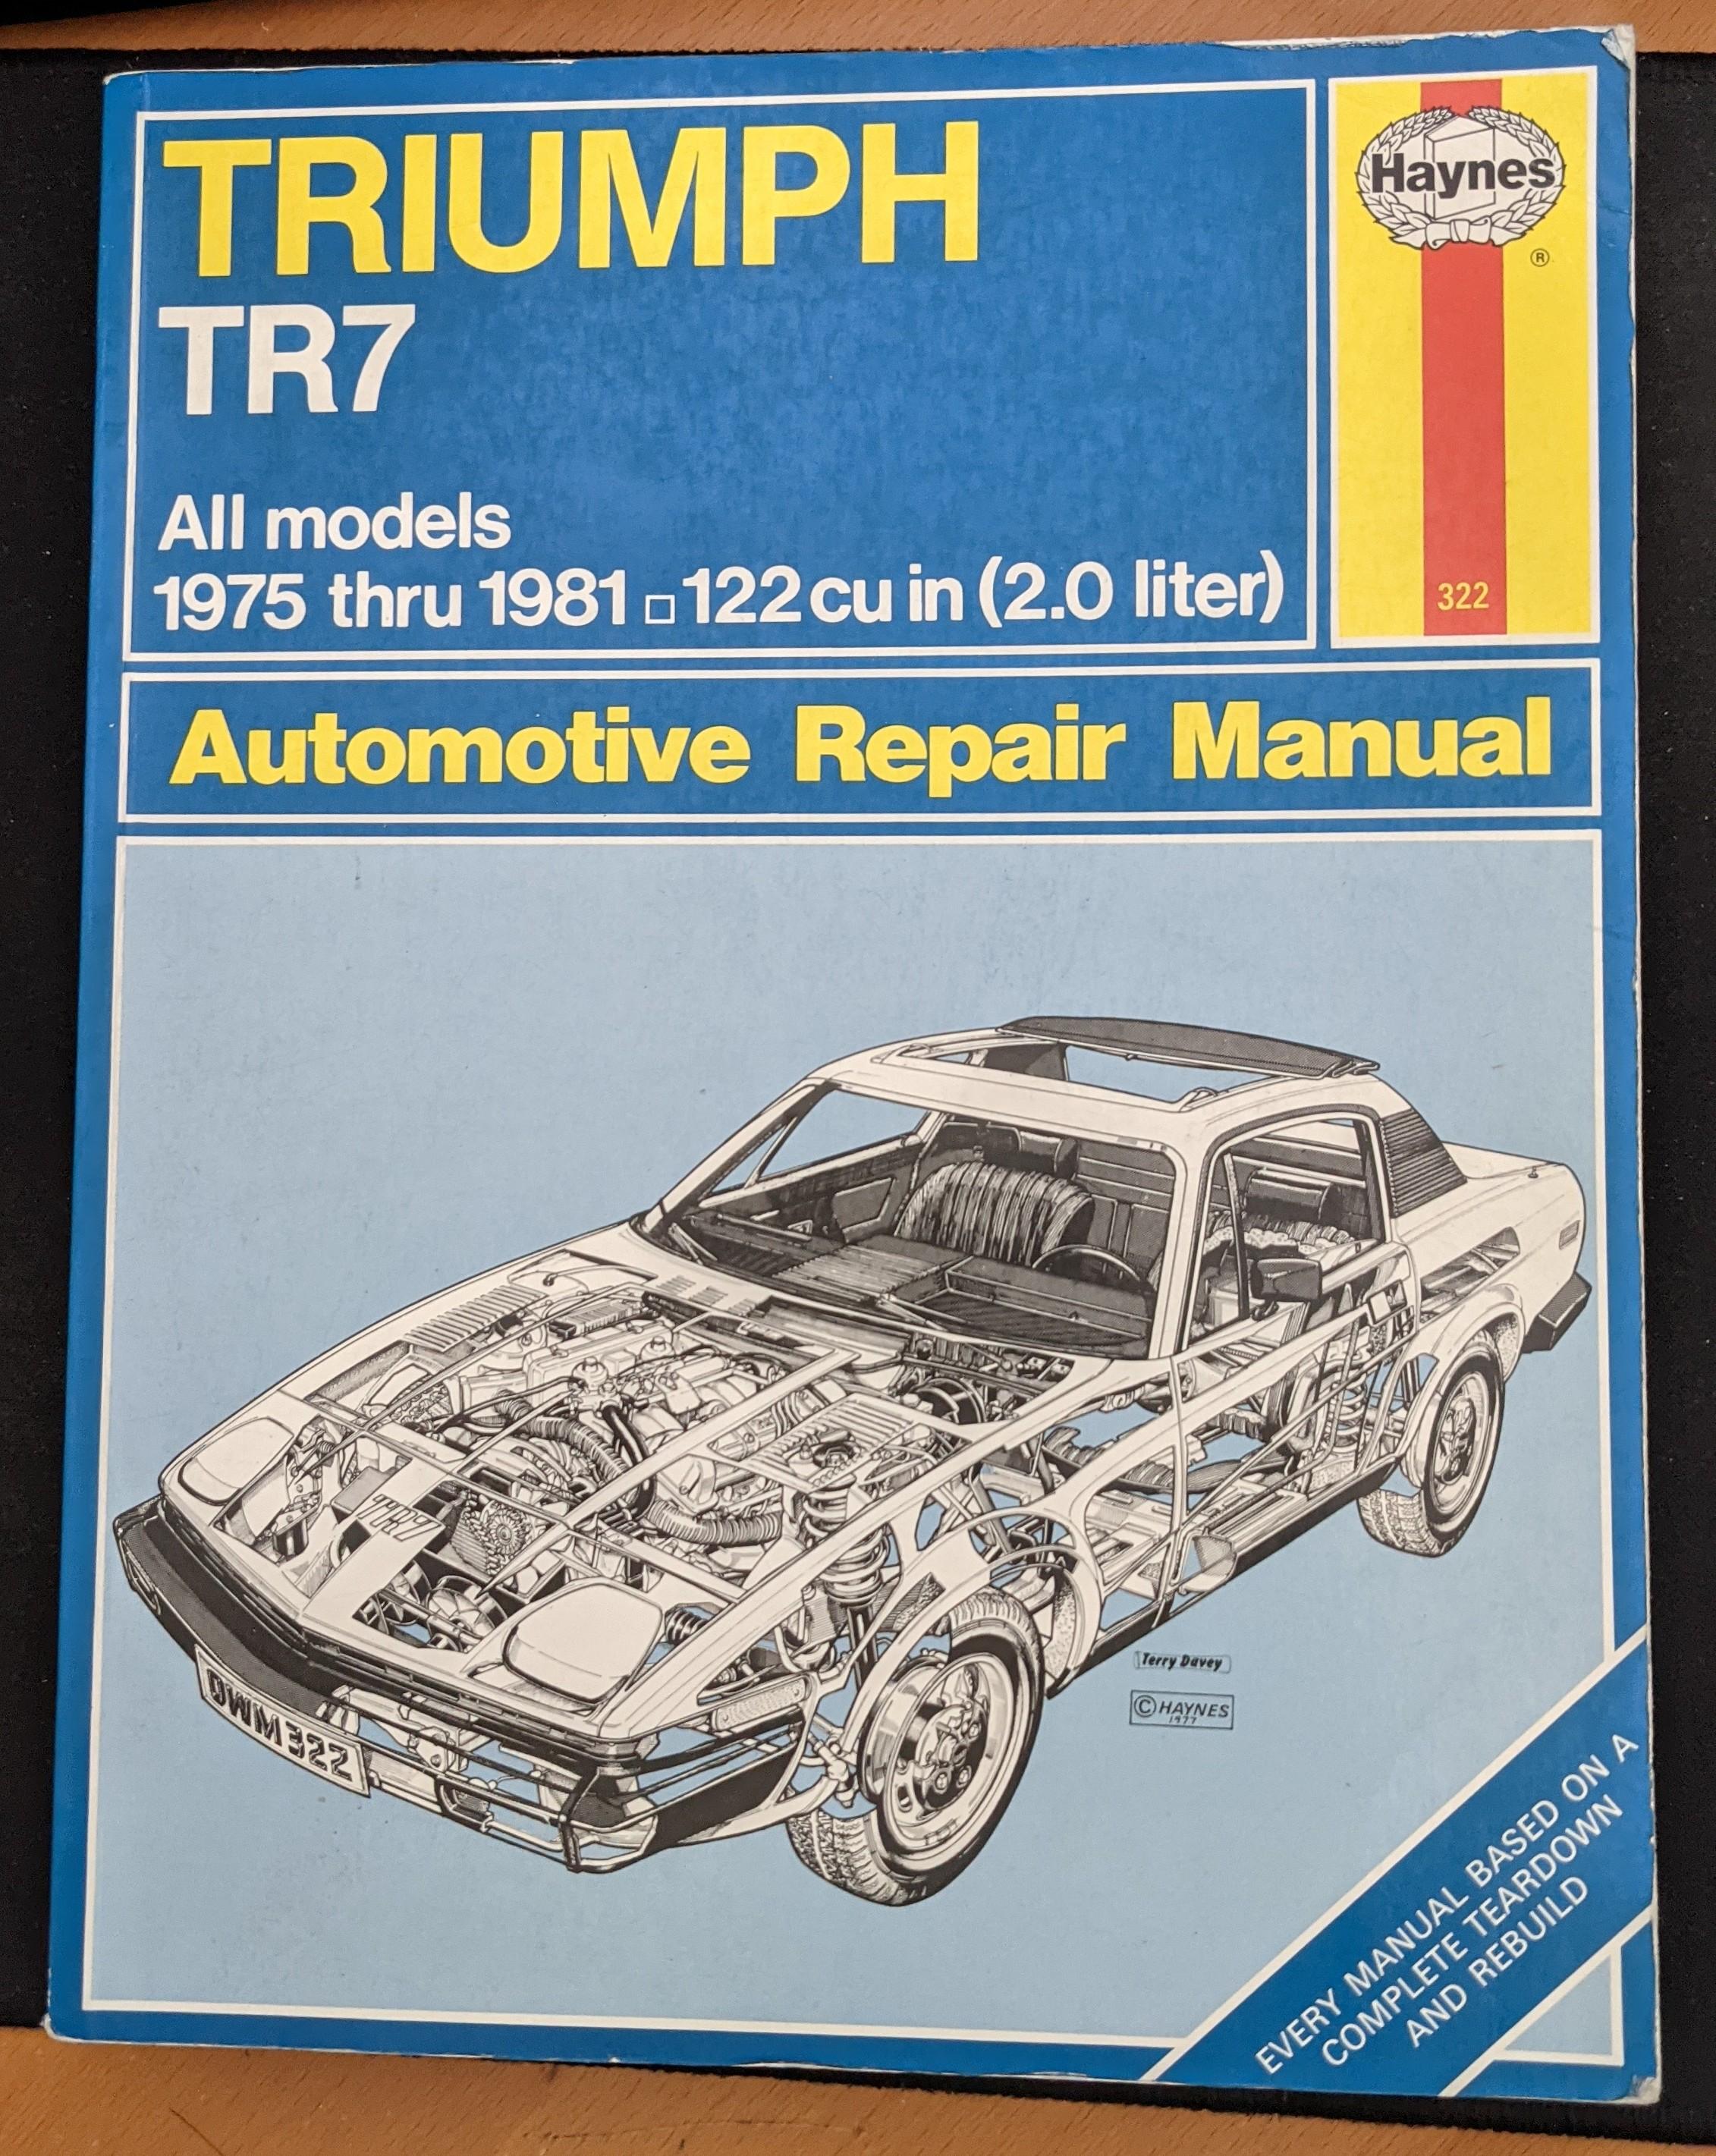 repair_manual.jpg